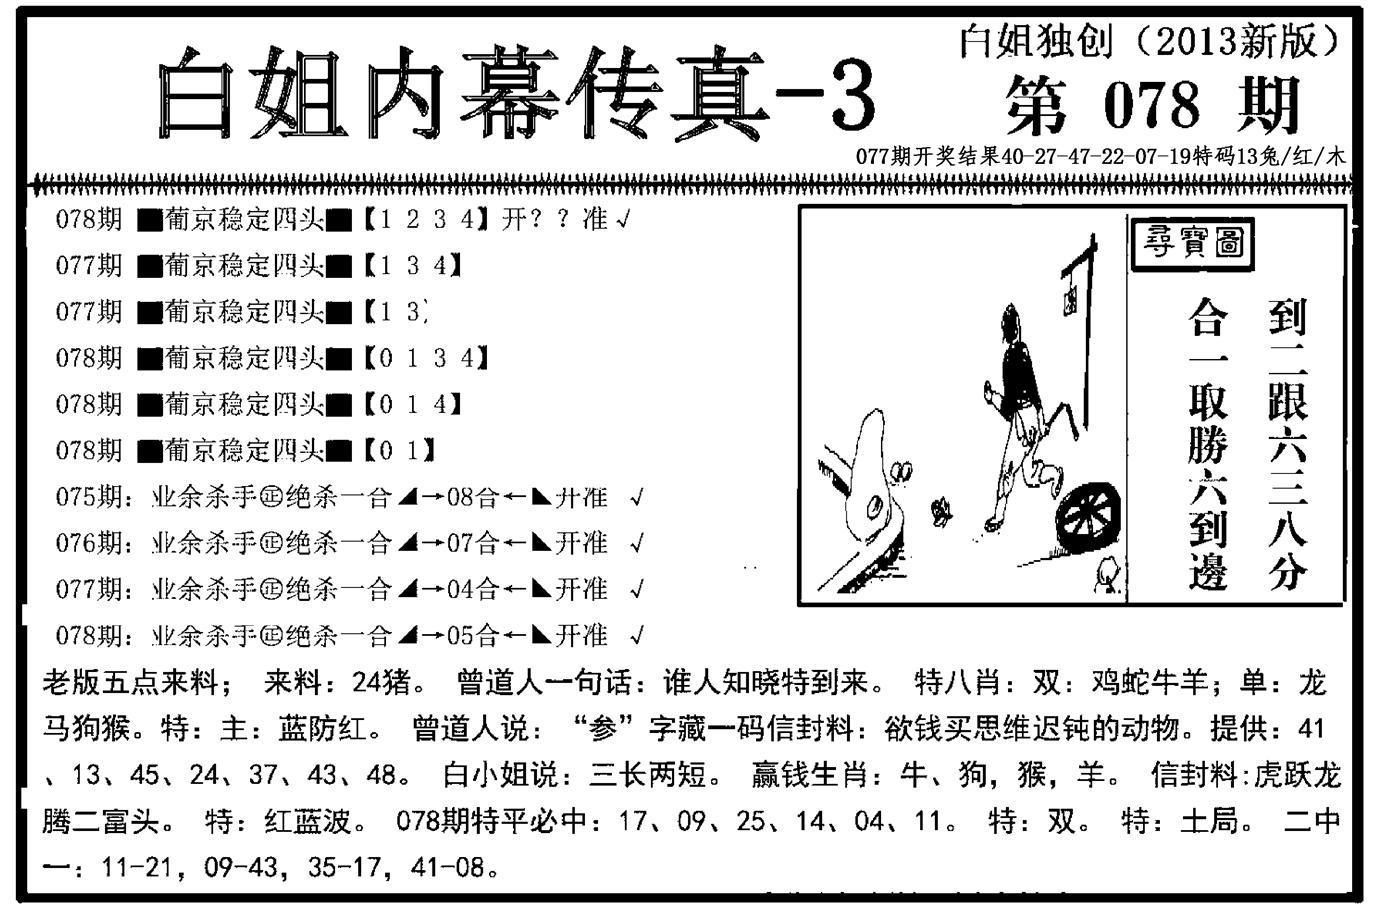 078期白姐内幕传真-3(黑白)